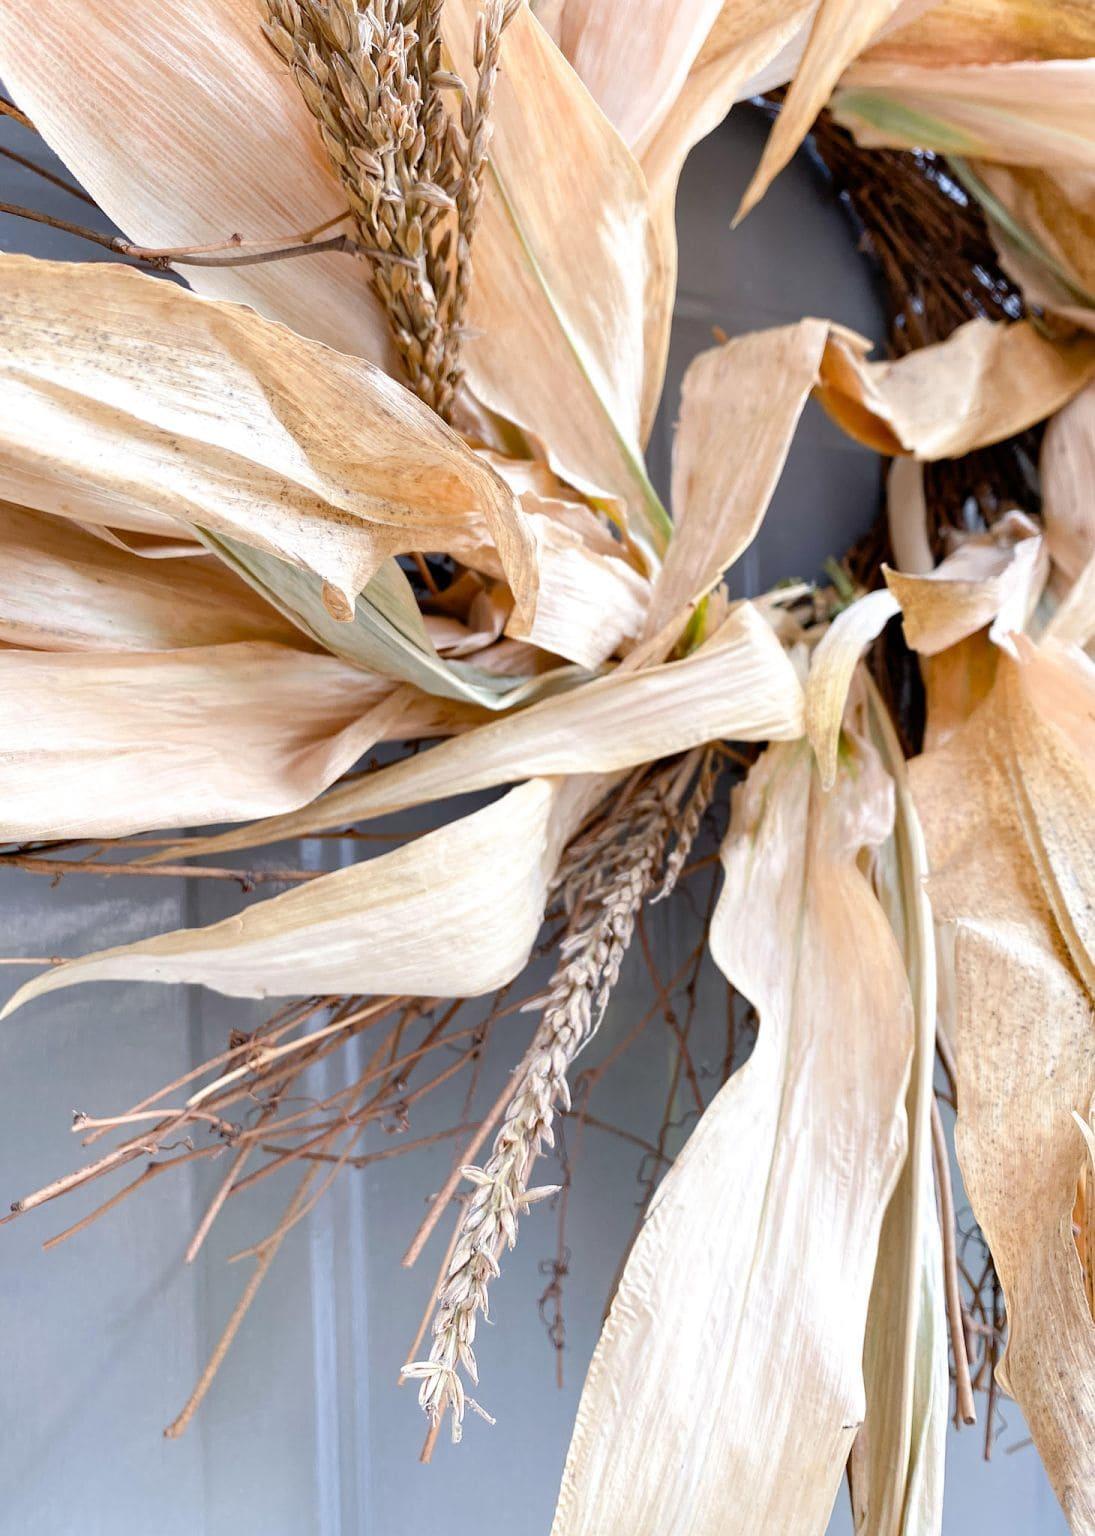 corn husk wreath on door